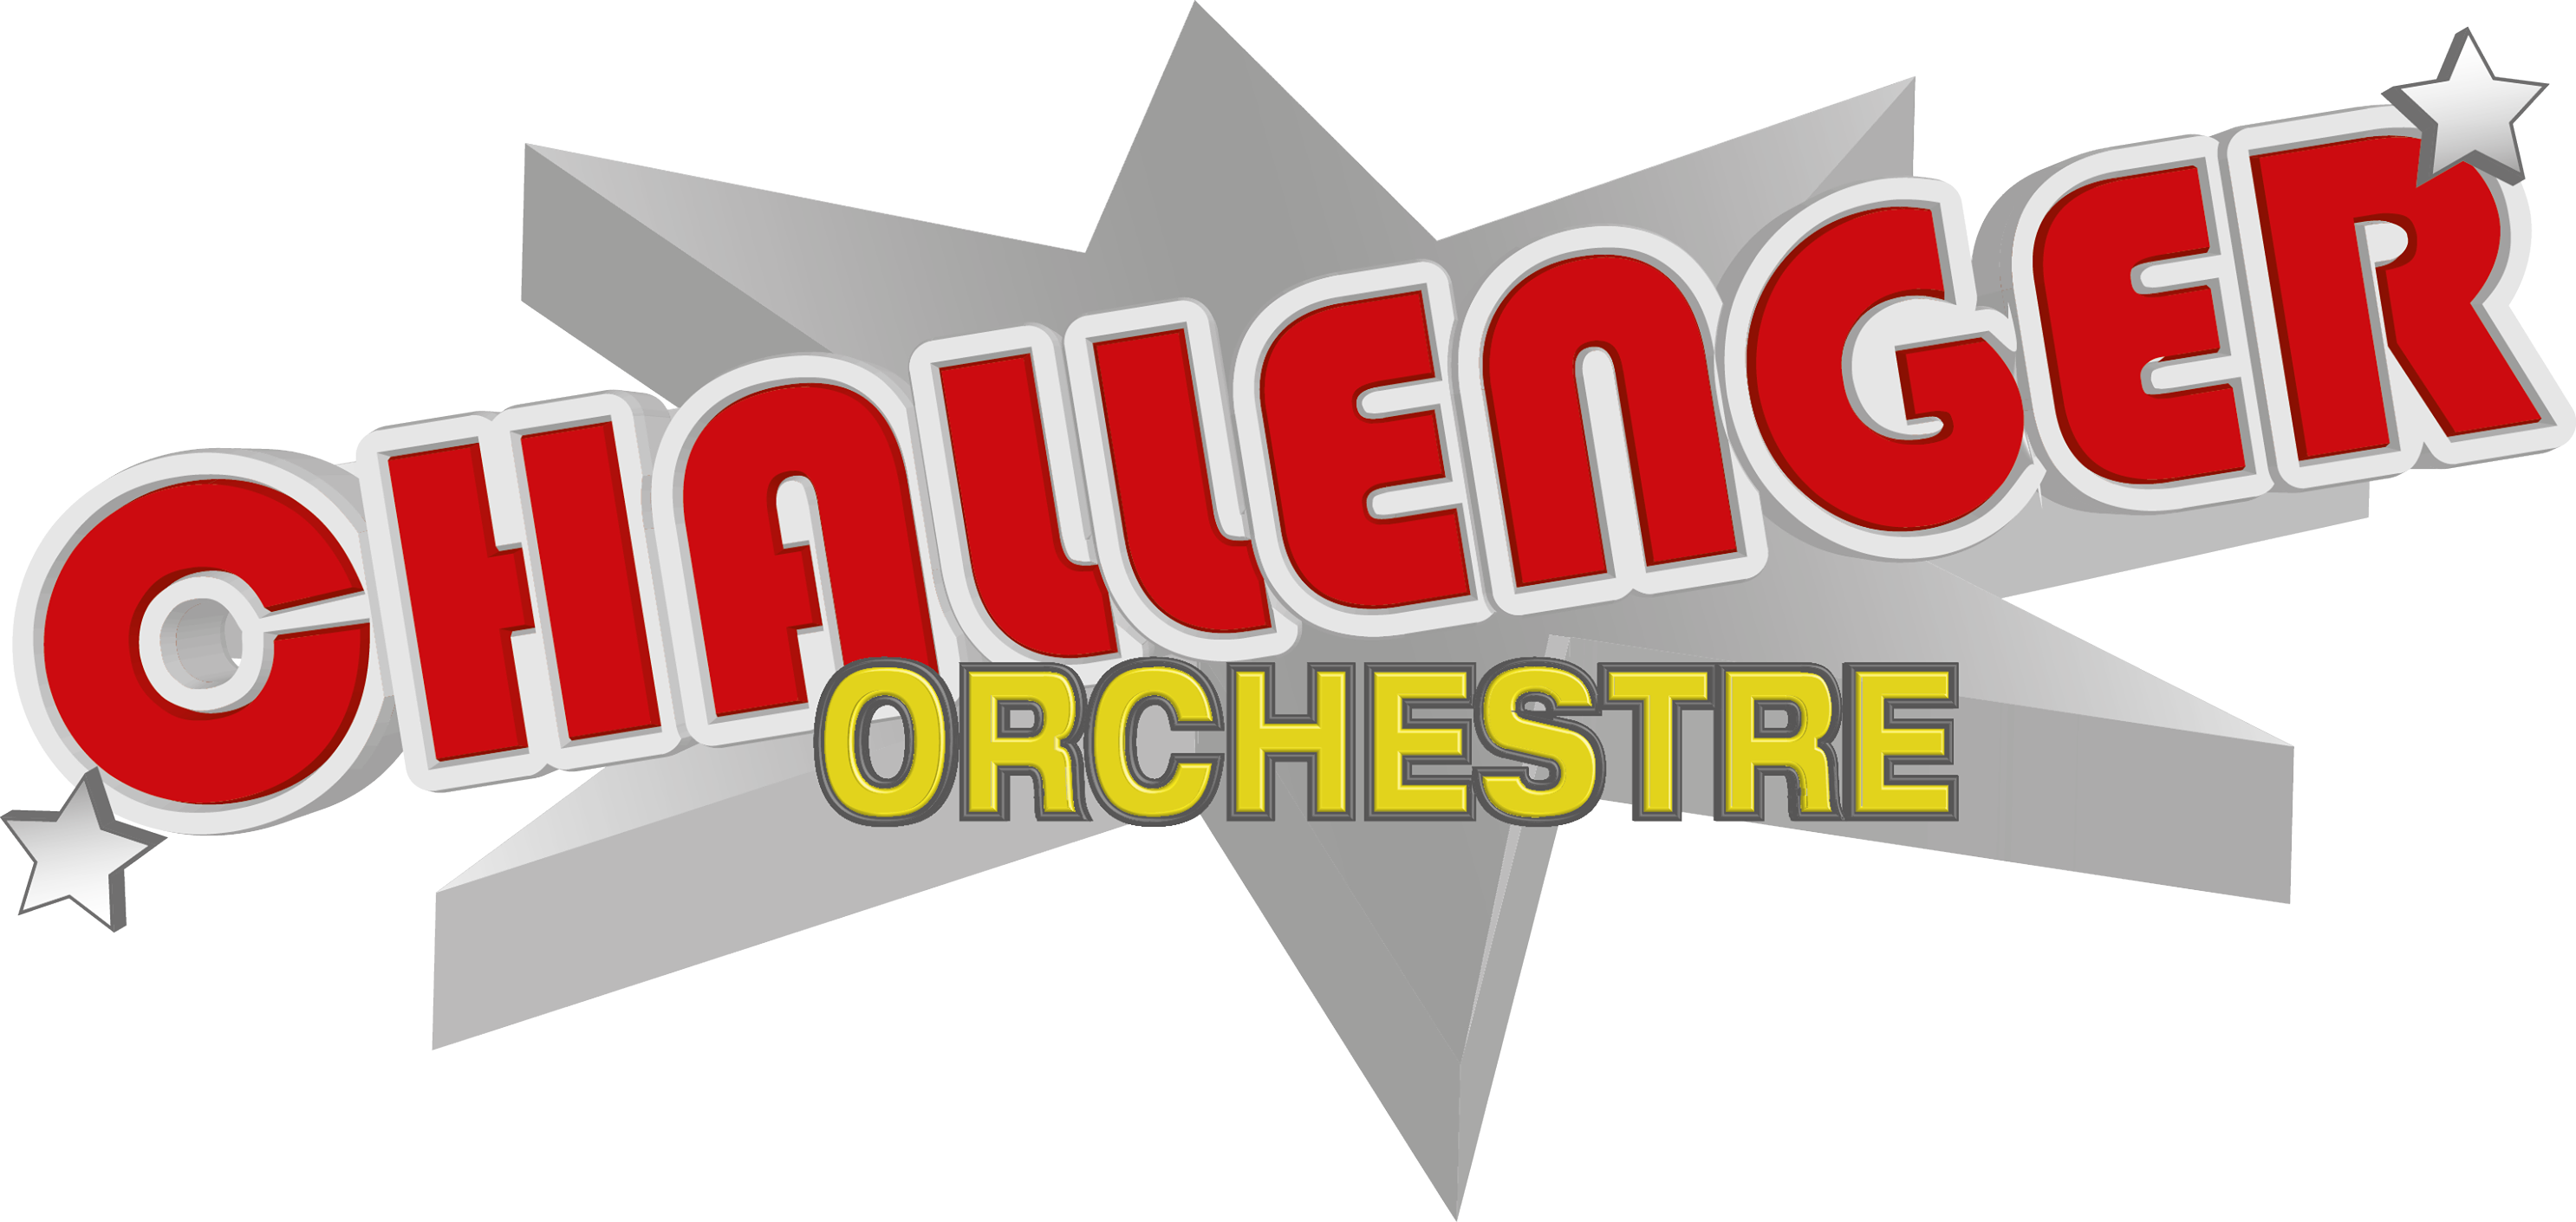 Orchestre CHALLENGER - site officiel